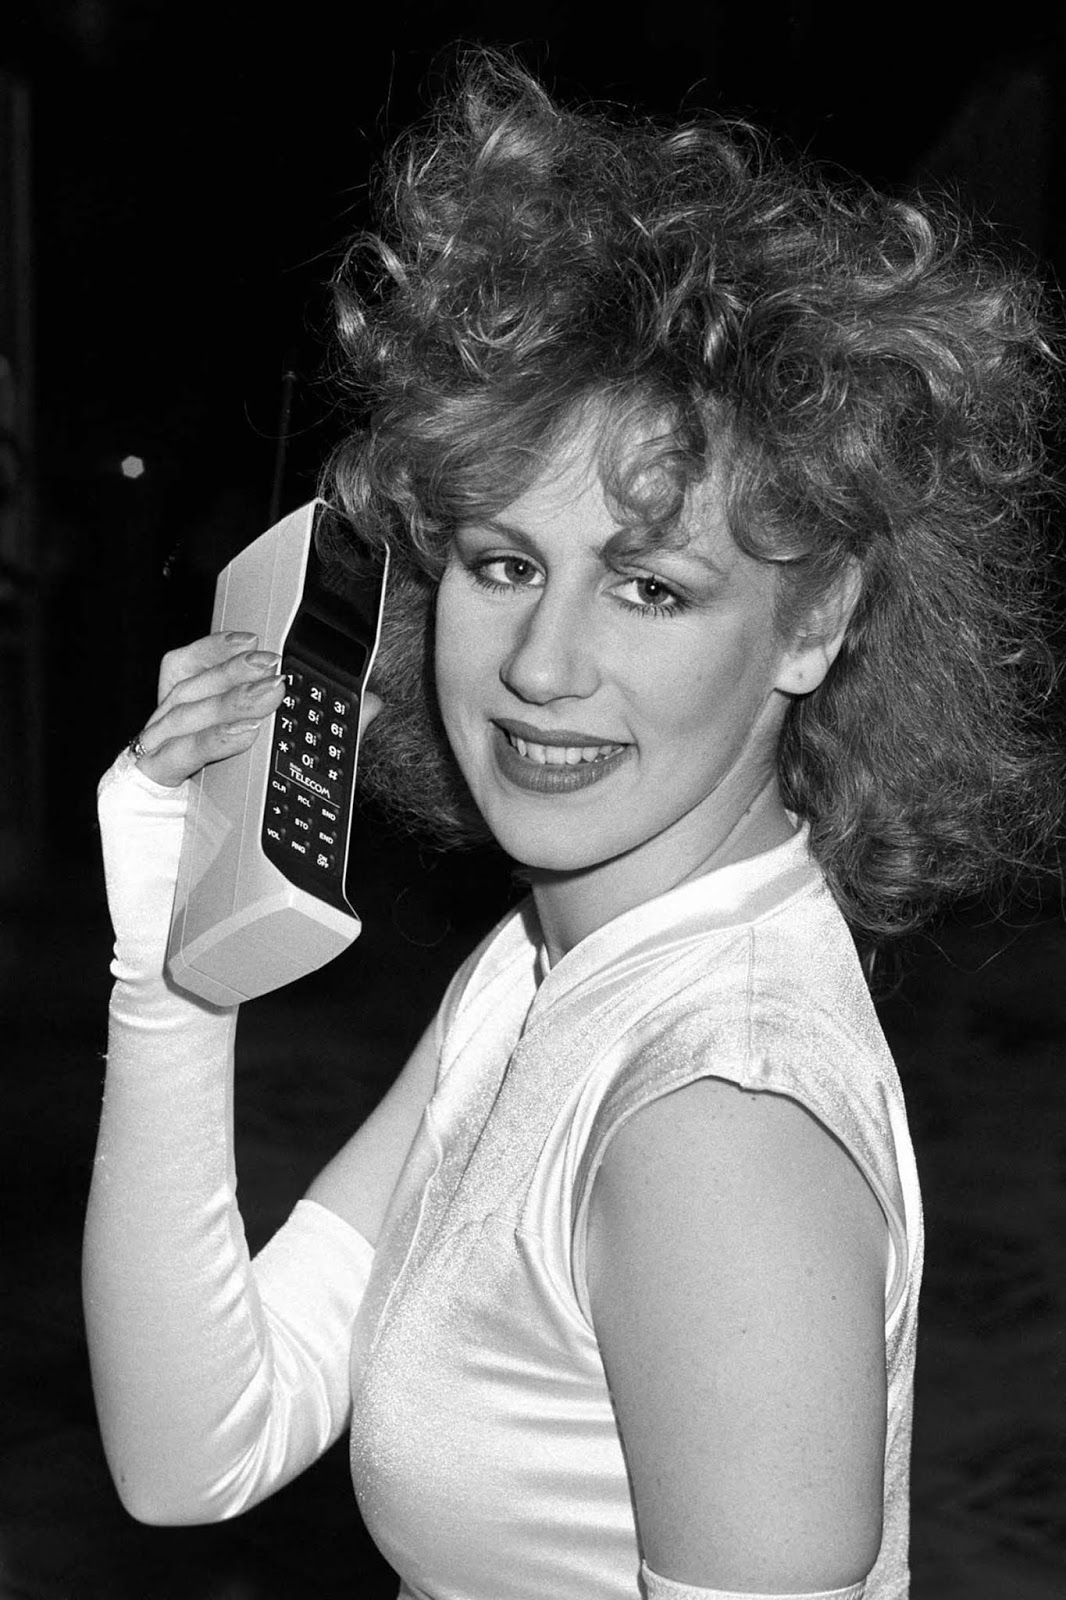 Um modelo posa com um telefone no lançamento do serviço de celular do sistema de rádio celular Cellnet em Londres. 1985.